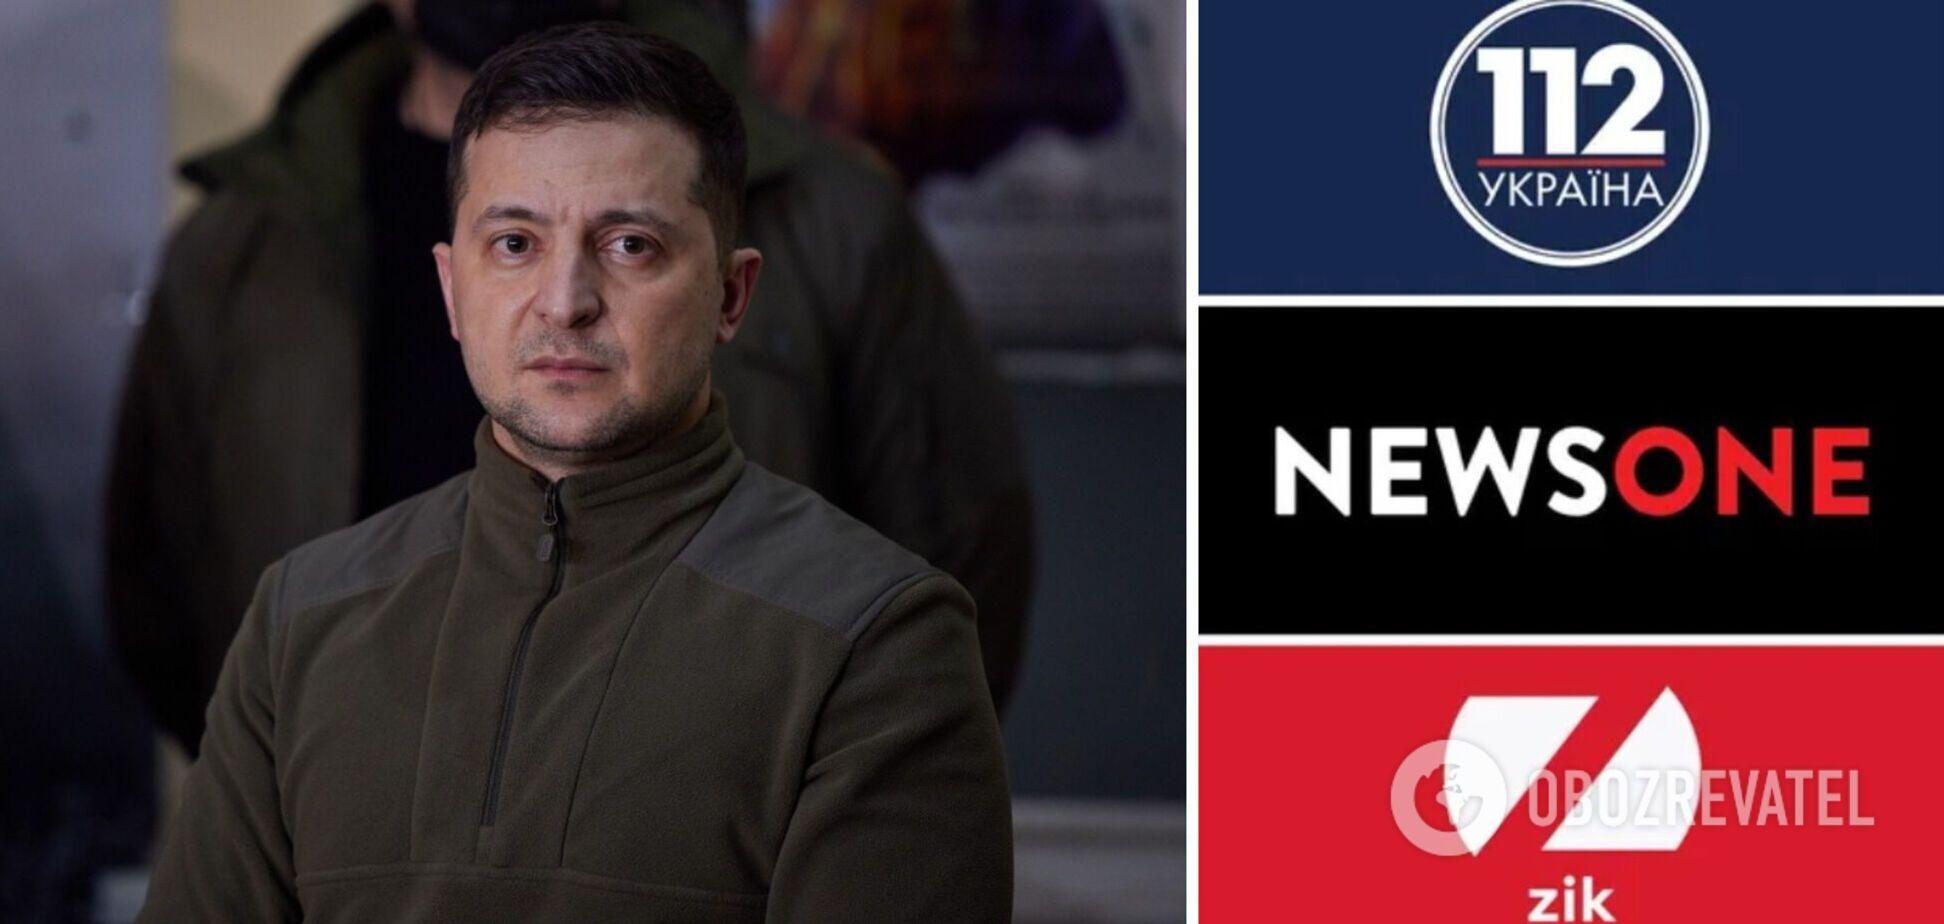 Зеленский – о санкциях против ТВ Медведчука: наши каналы не закрывали, мы закрыли их